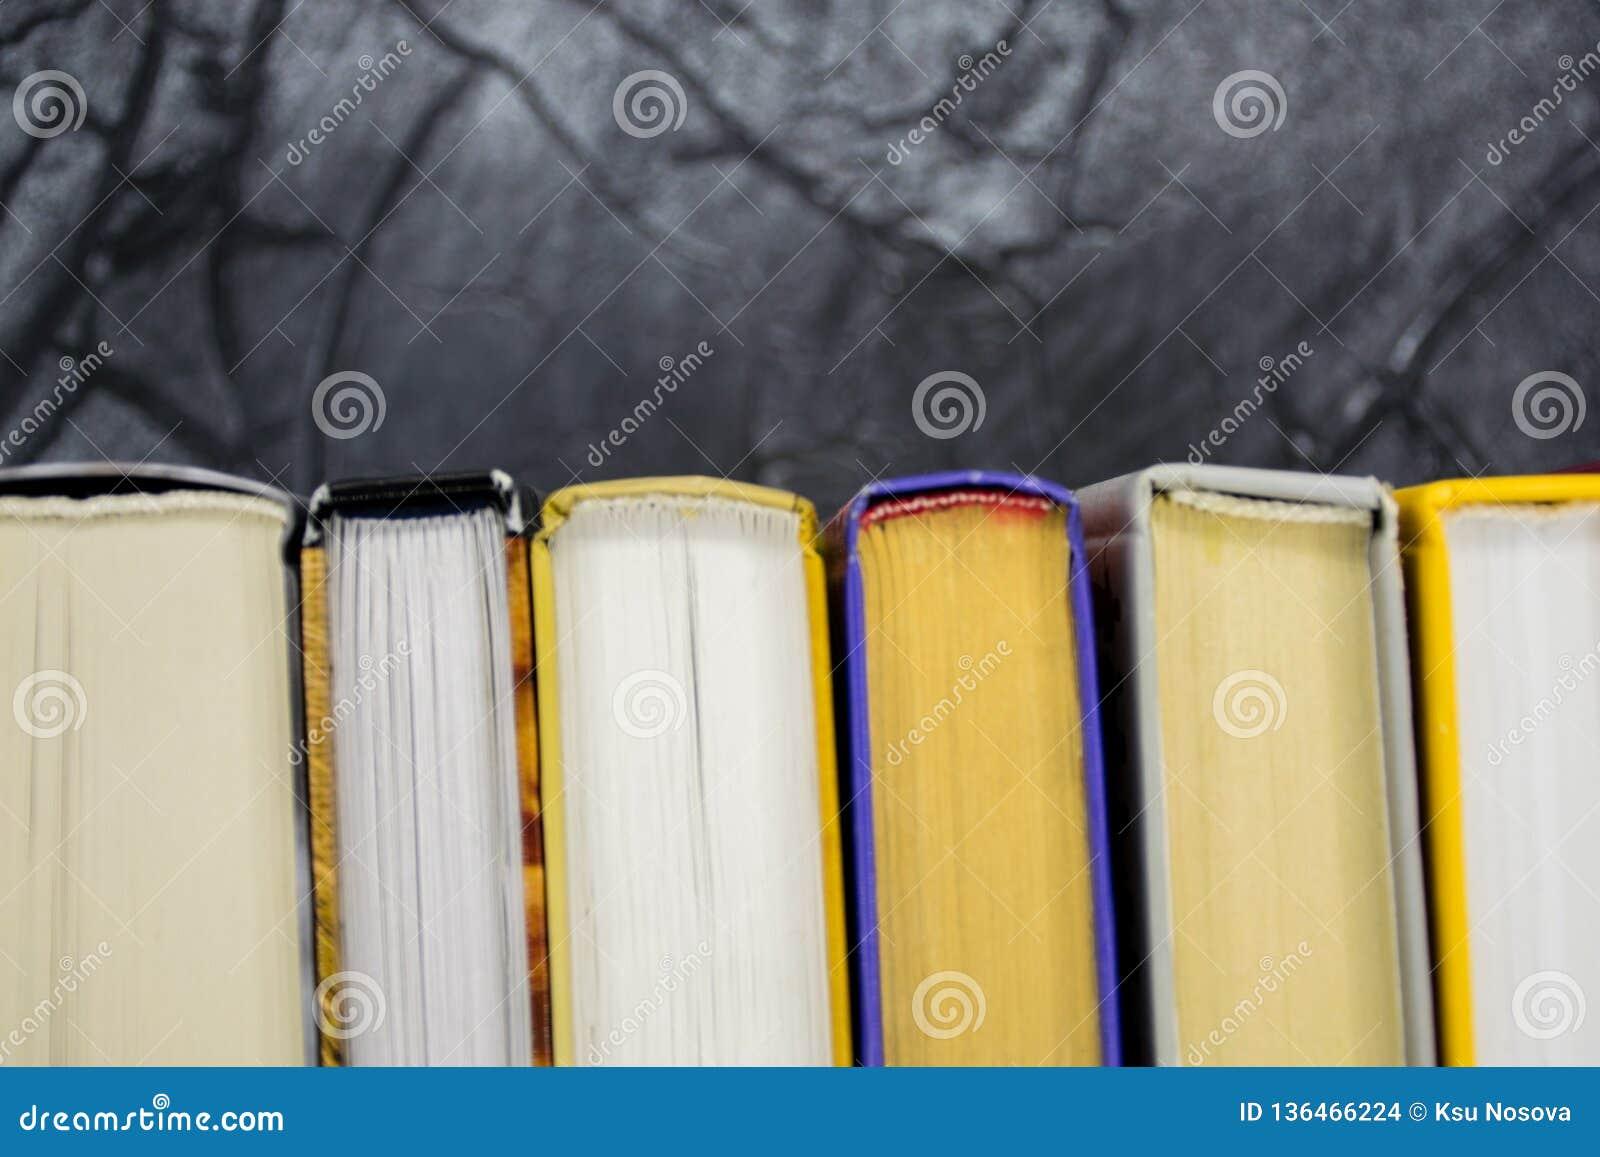 Τοπ άποψη των φωτεινών ζωηρόχρωμων βιβλίων βιβλίων με σκληρό εξώφυλλο σε έναν κύκλο Το ανοικτό βιβλίο, αέρισε τις σελίδες